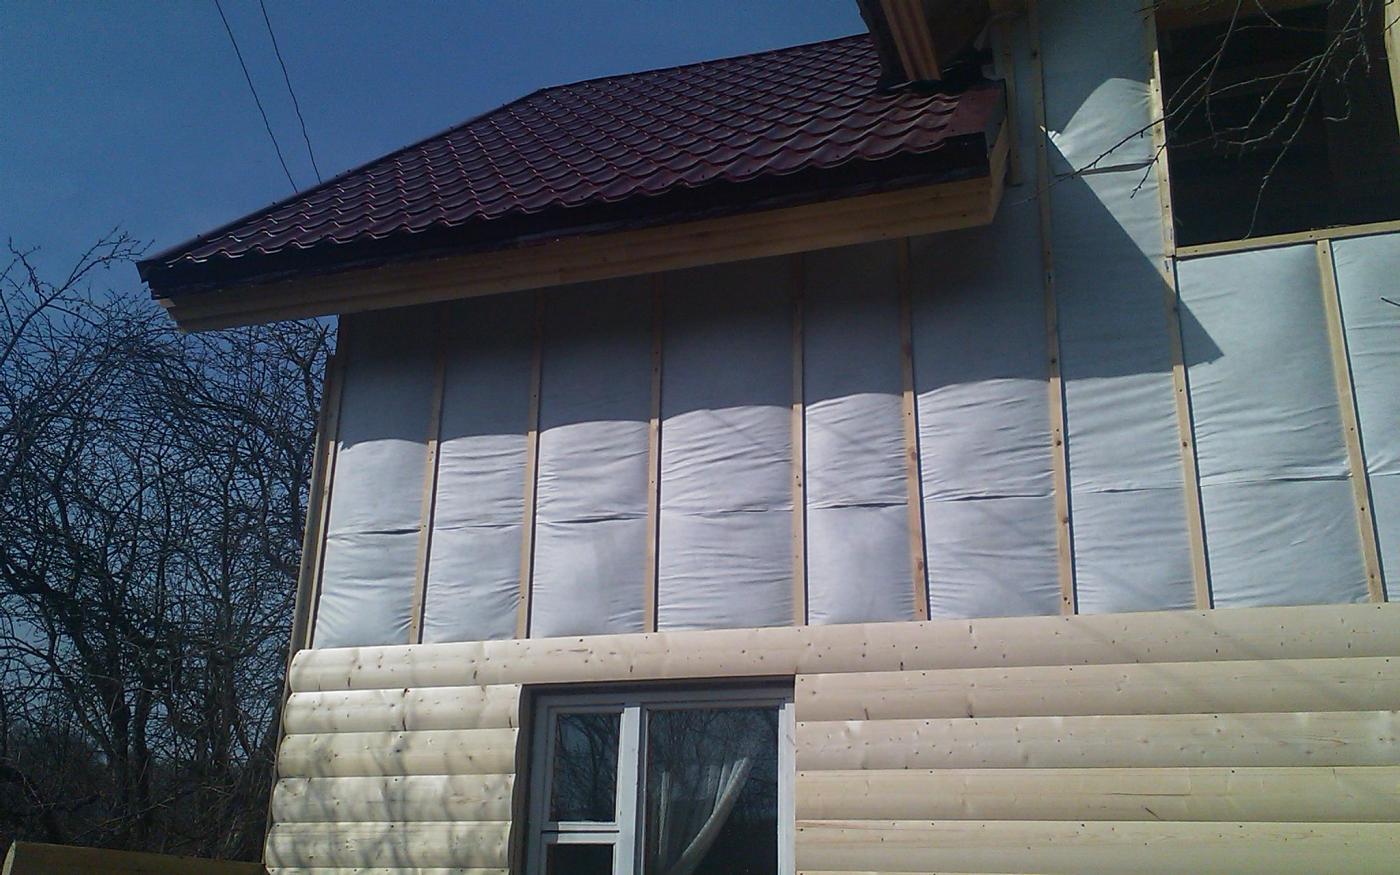 Утепление деревянного дома под сайдинг – выбираем материал и технологию его монтажа